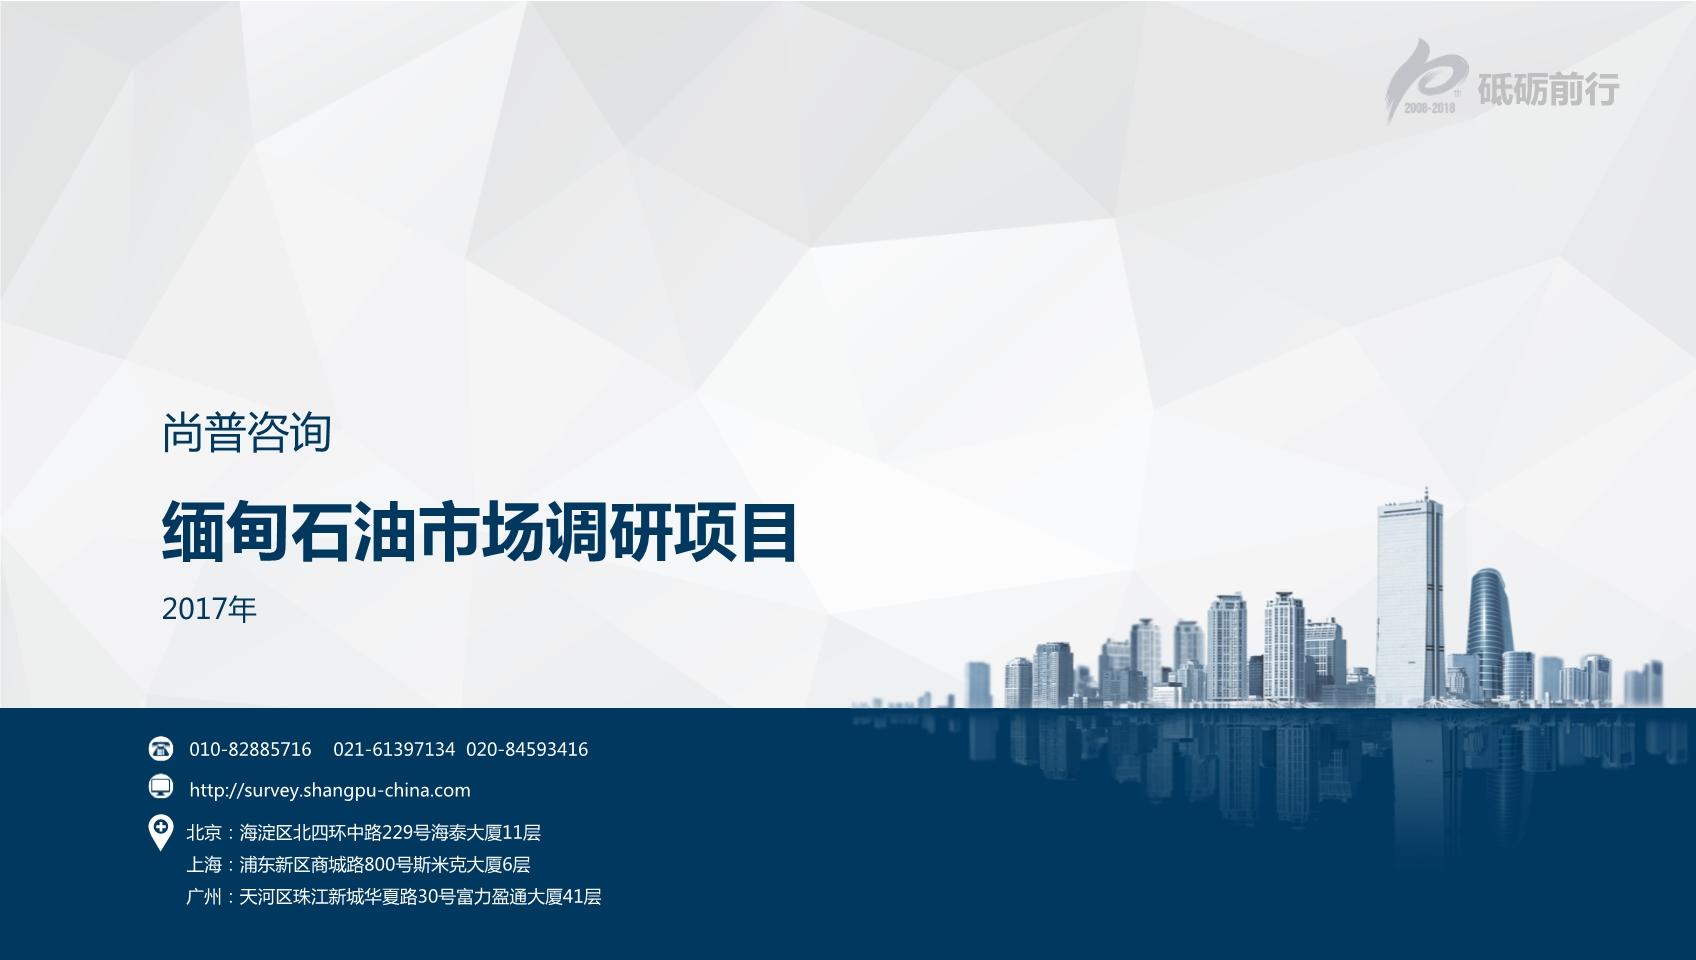 尚普咨询—缅甸石油市场调研